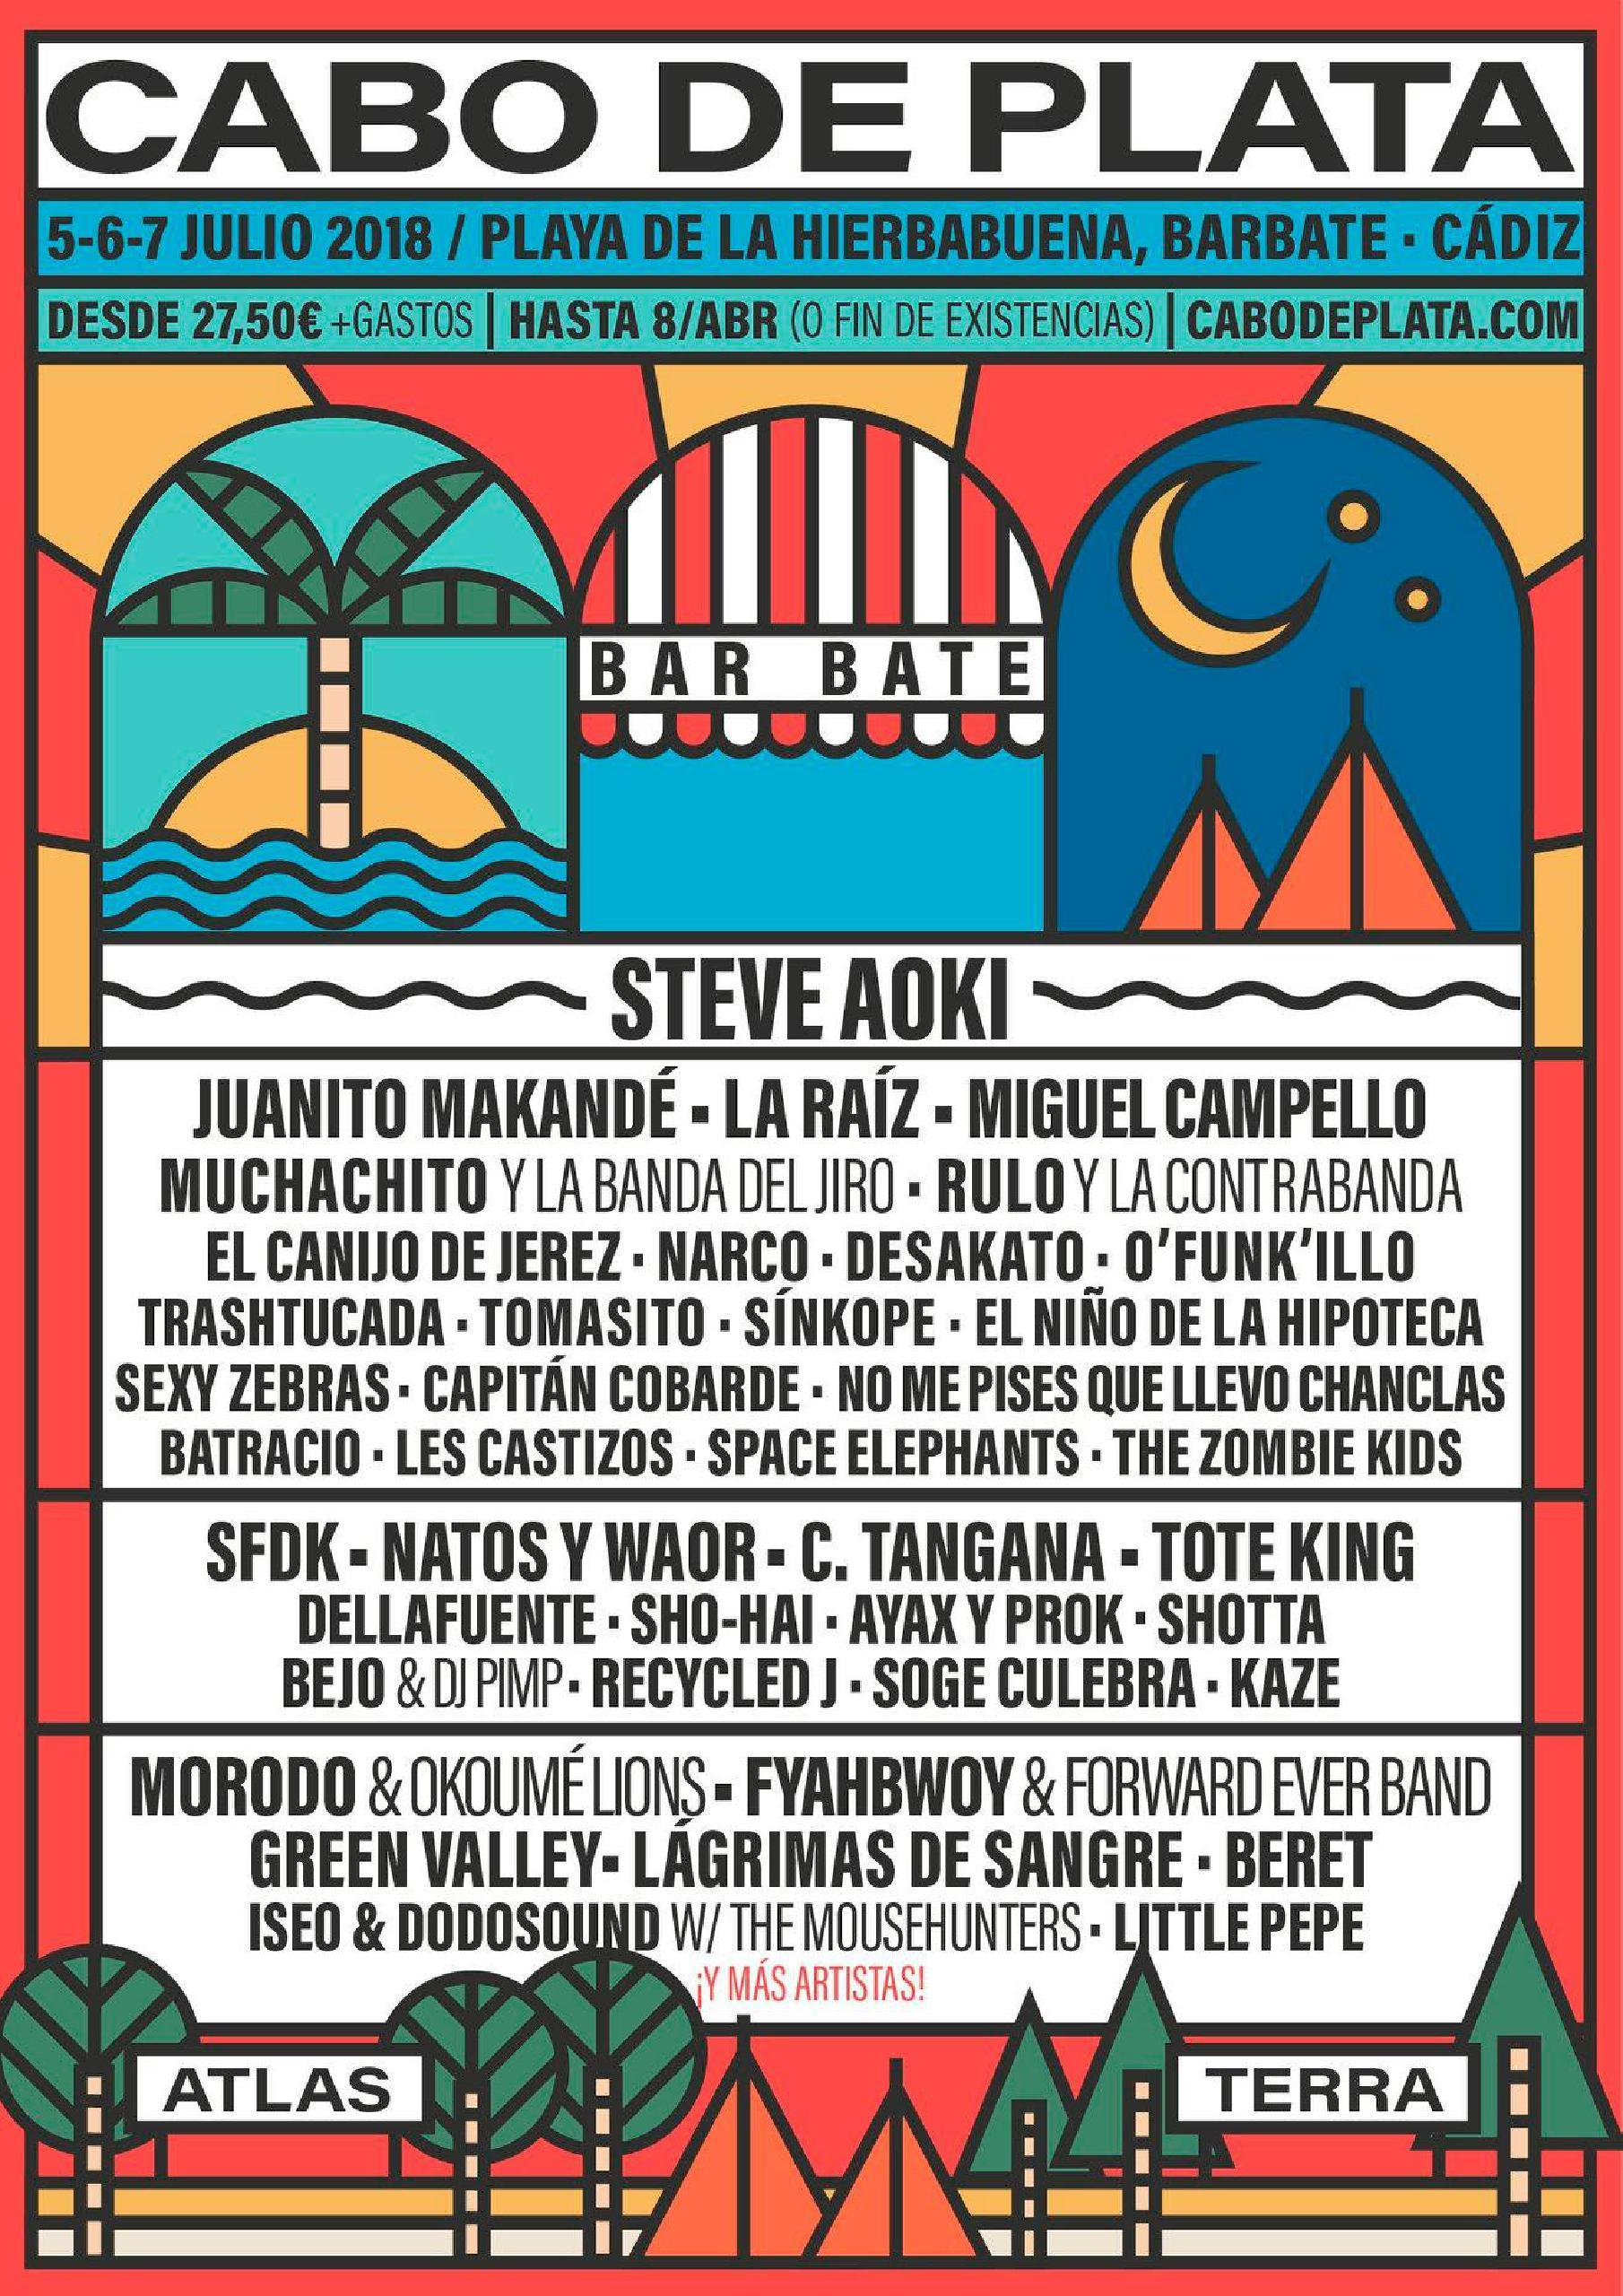 Cartel Primeras confirmaciones festival Cabo de Plata 201